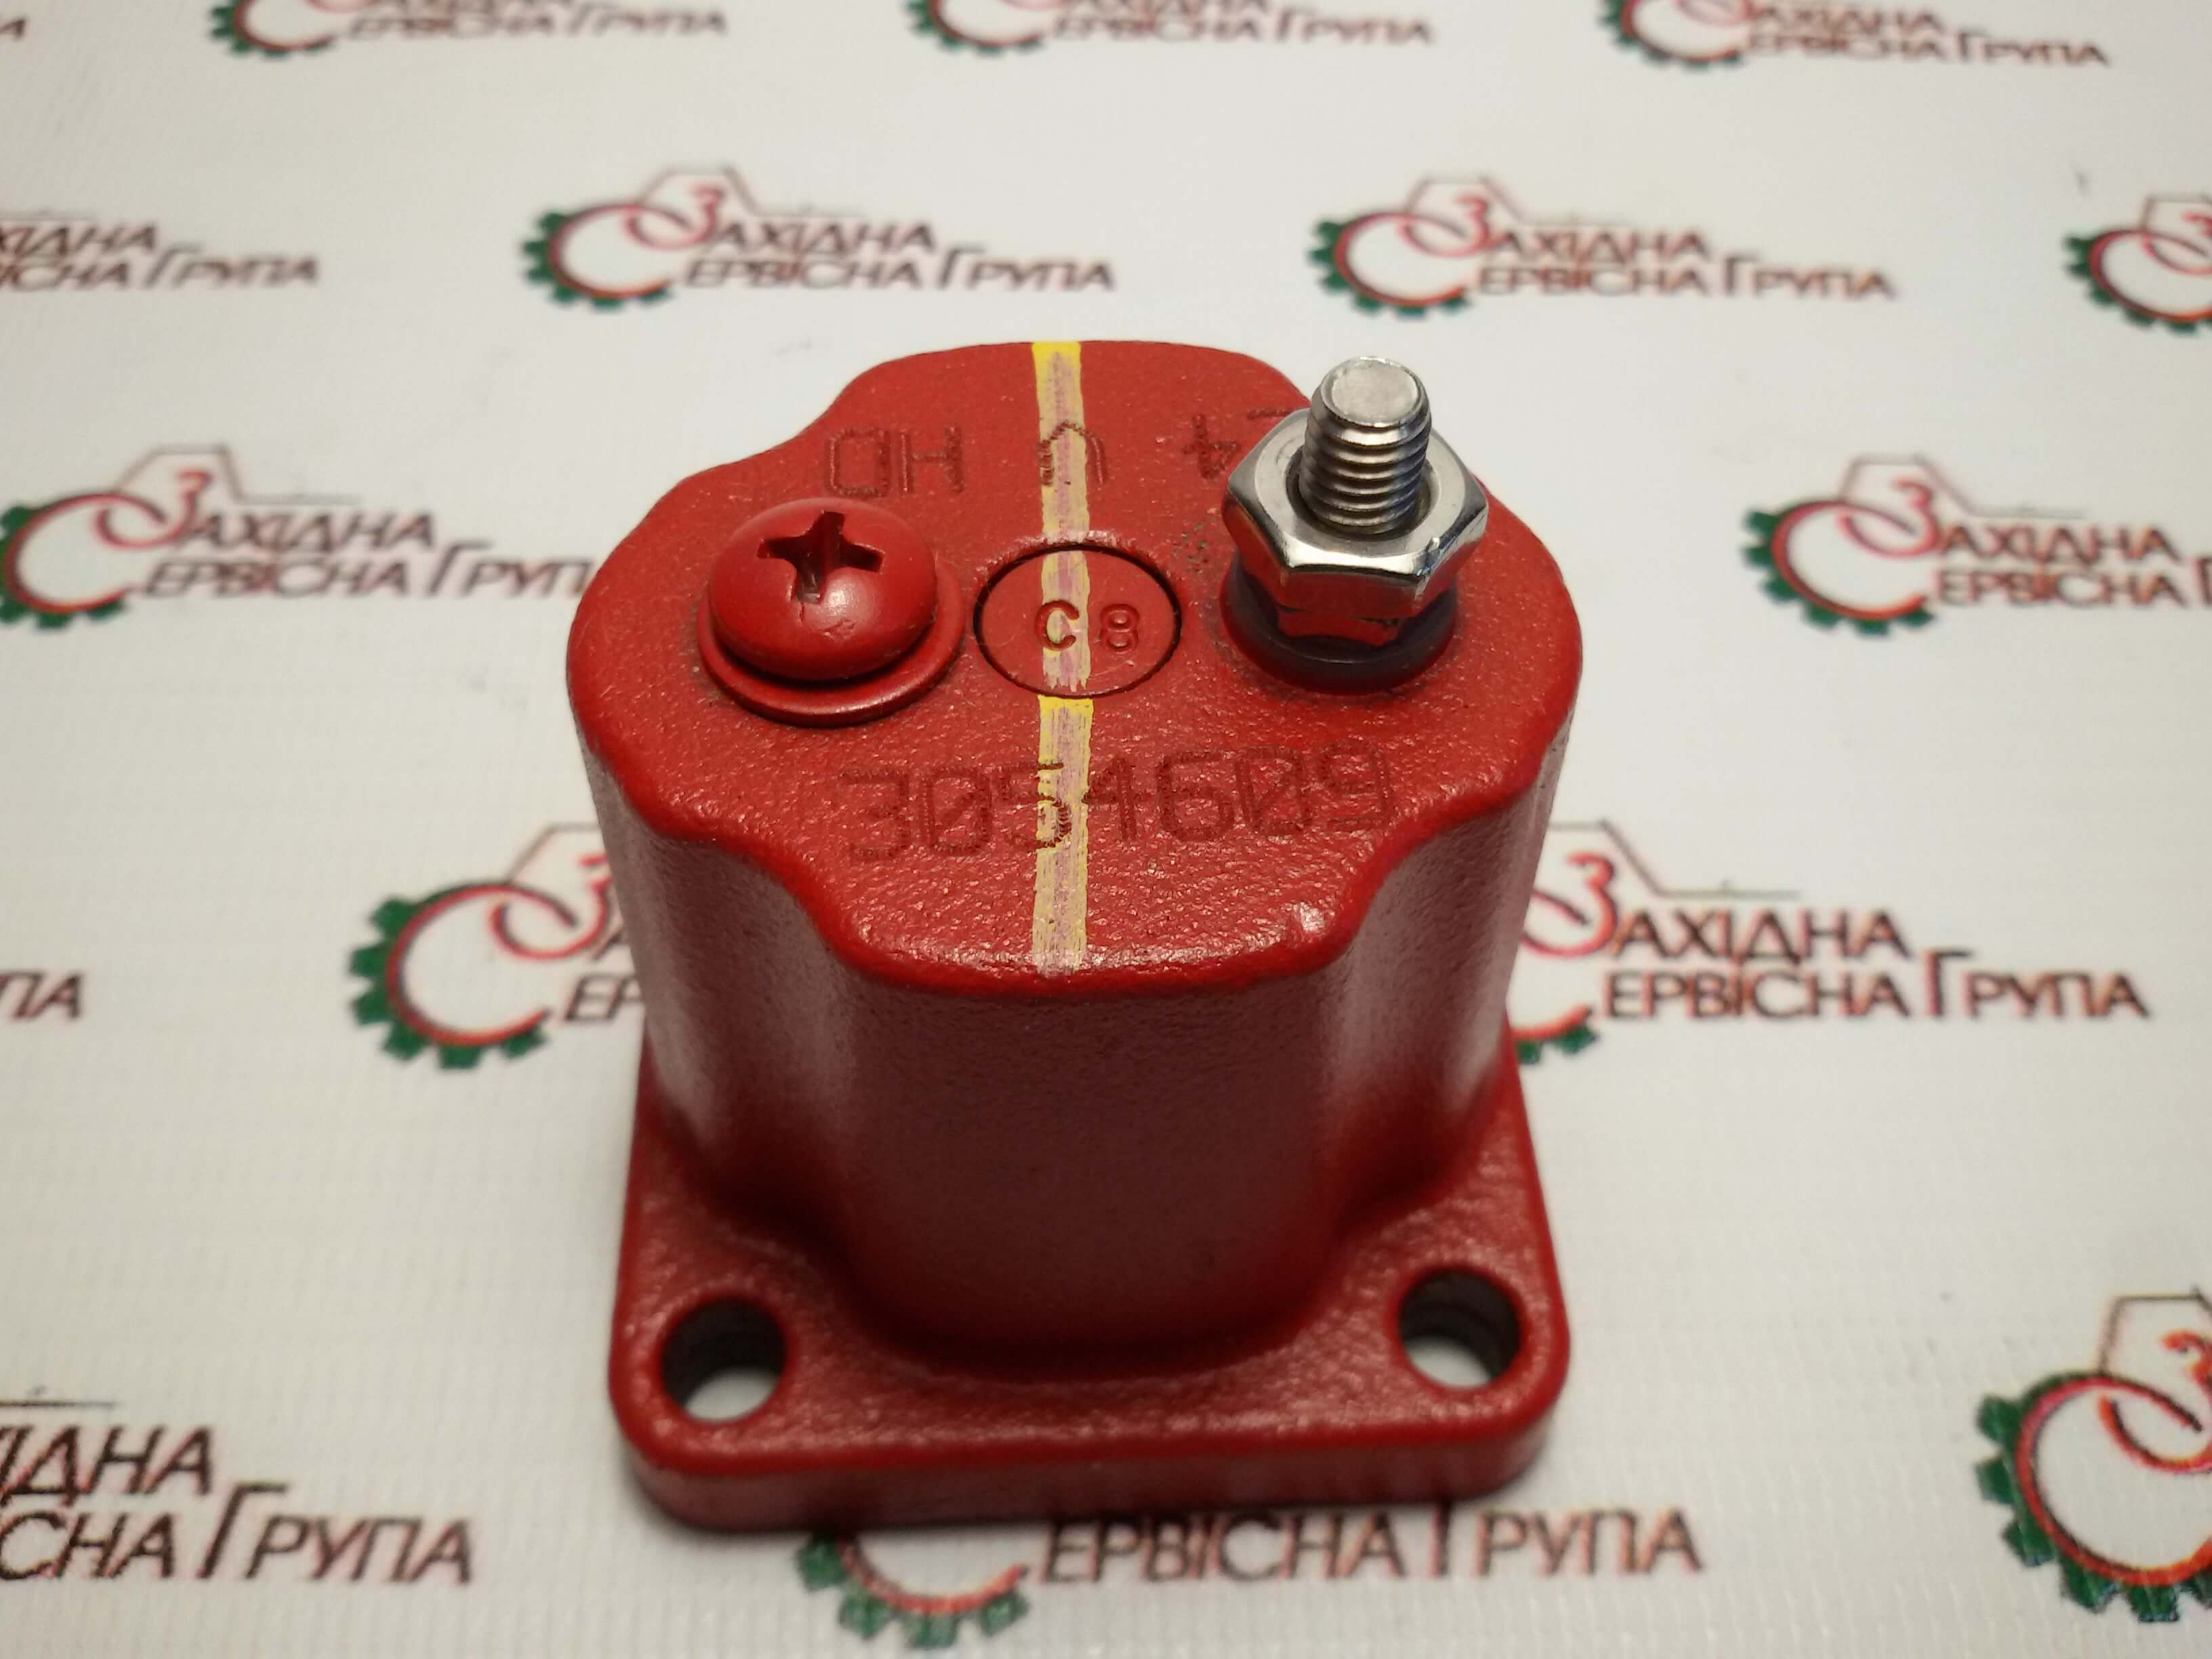 Клапан (соленоид) отсечки топлива 24V Cummins KTA19, M11, 4024809, 3054609, 196066, 4903250.